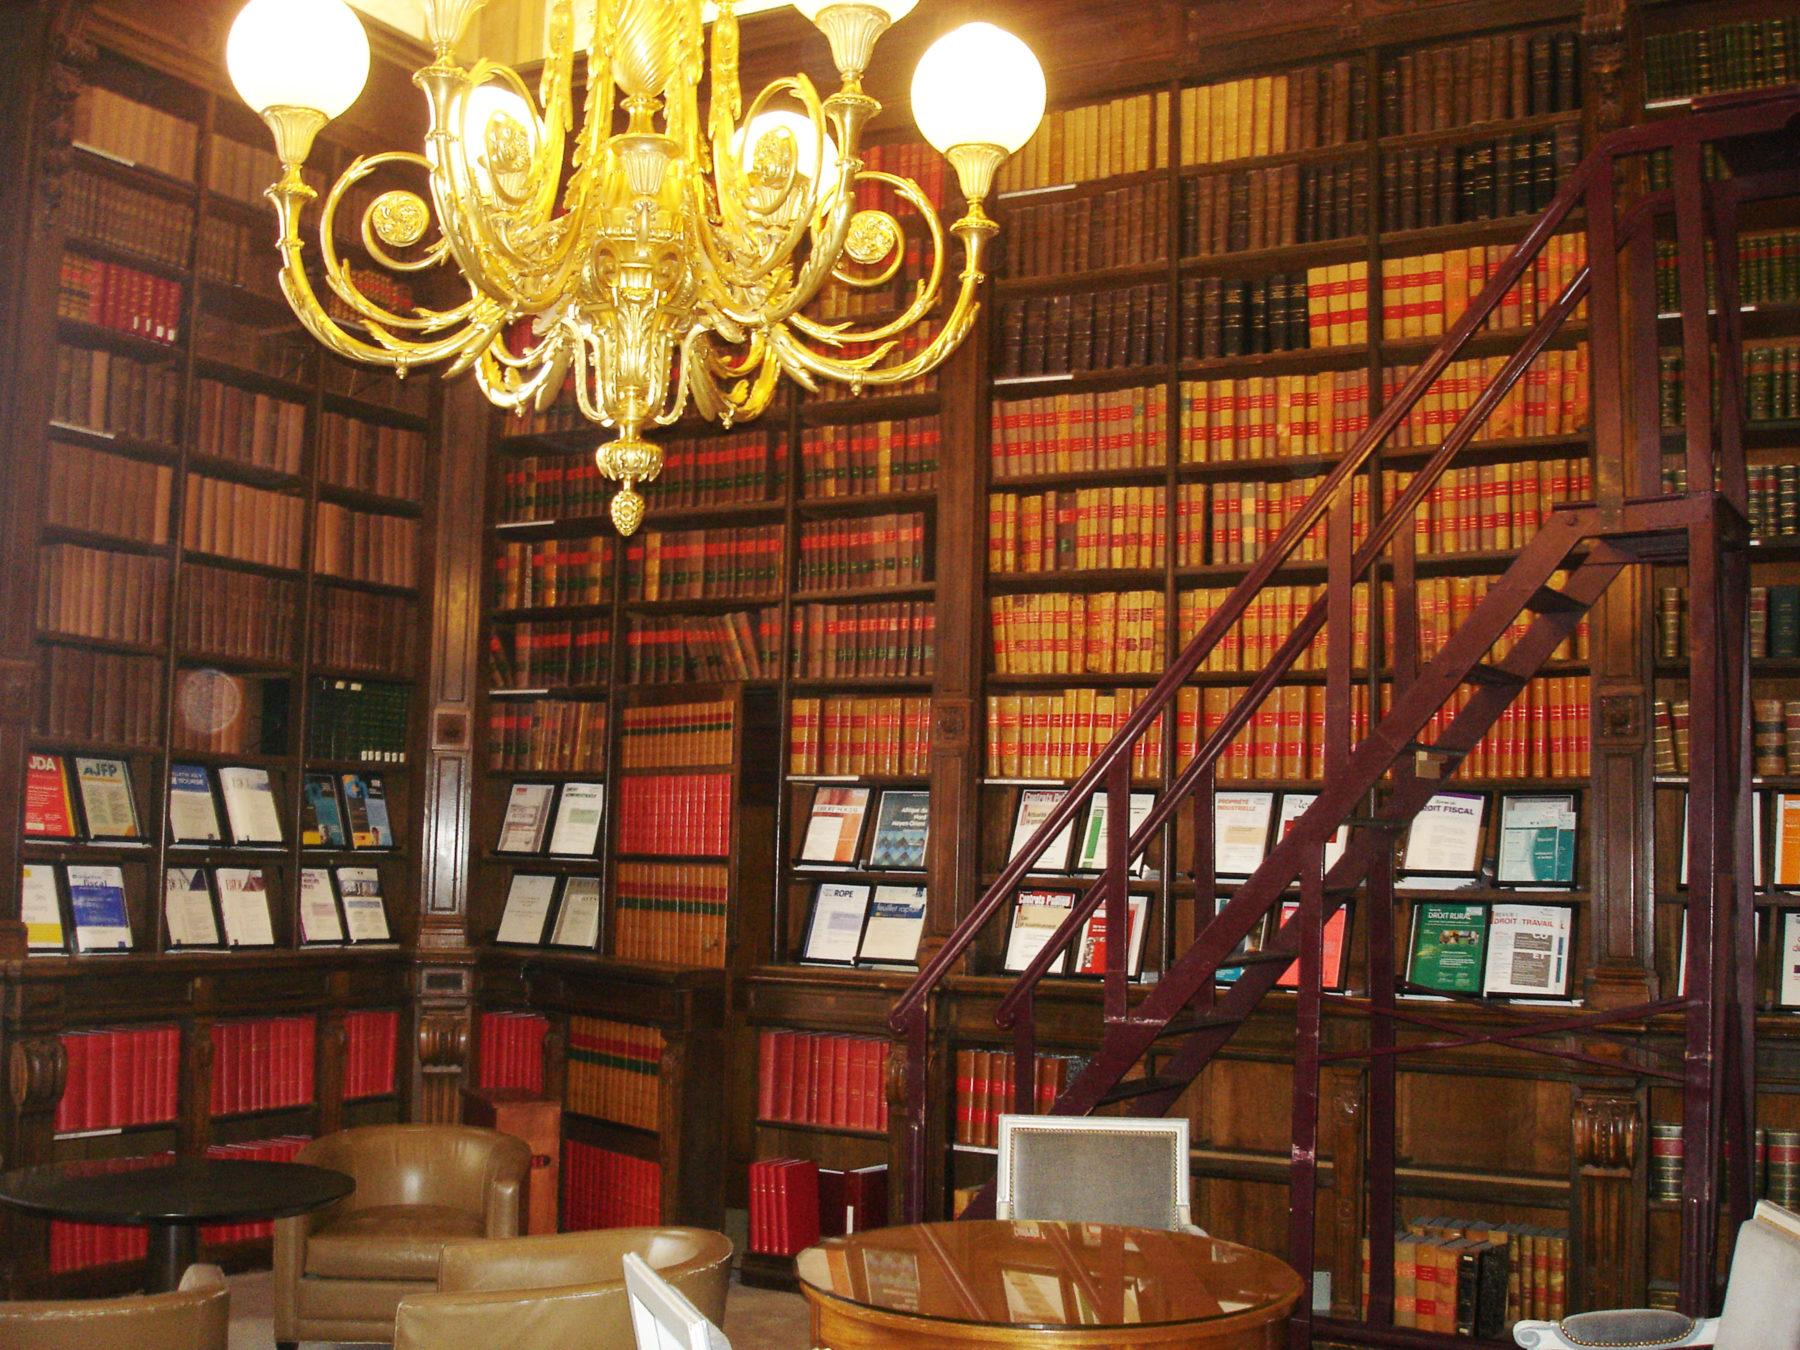 palais de justice 319 luc vaganay eb niste restaurateur de meubles anciens lyon. Black Bedroom Furniture Sets. Home Design Ideas